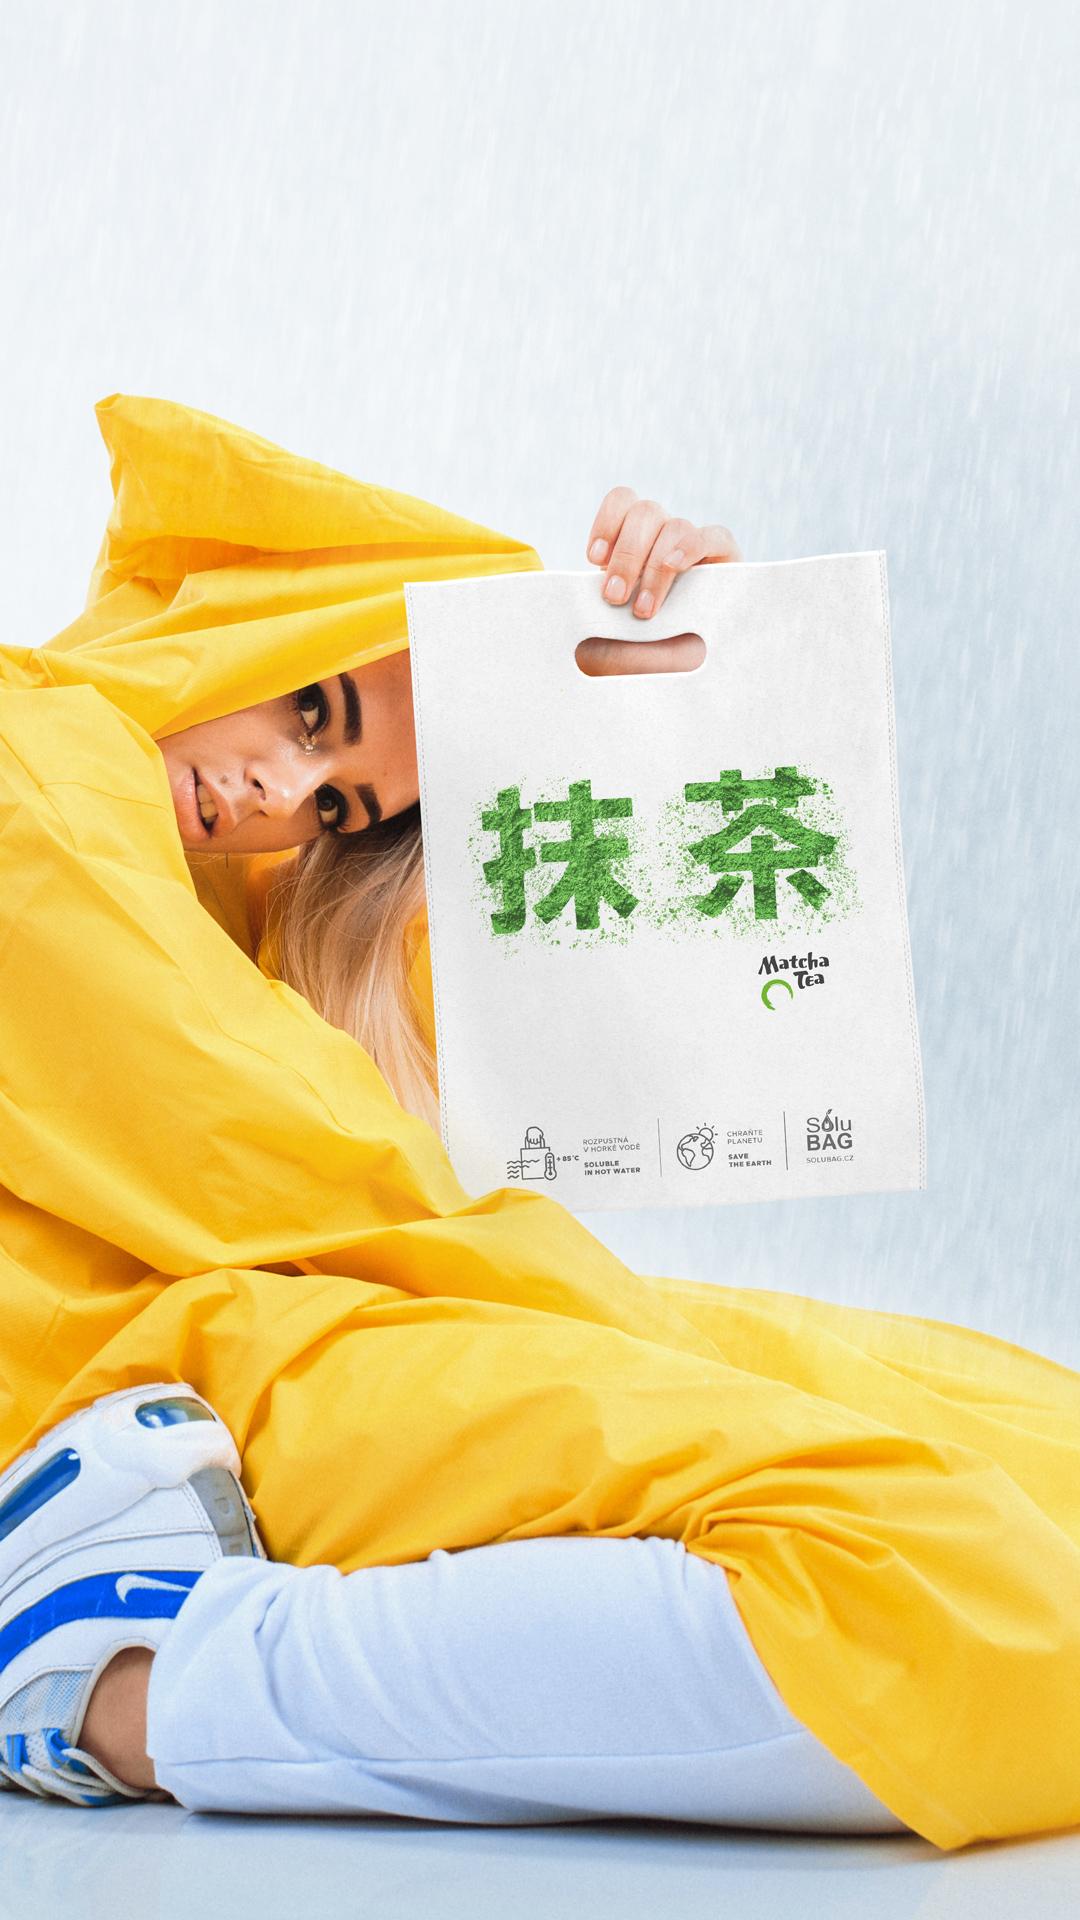 matcha-tea_tasky-punched-kanji_vizu_stories